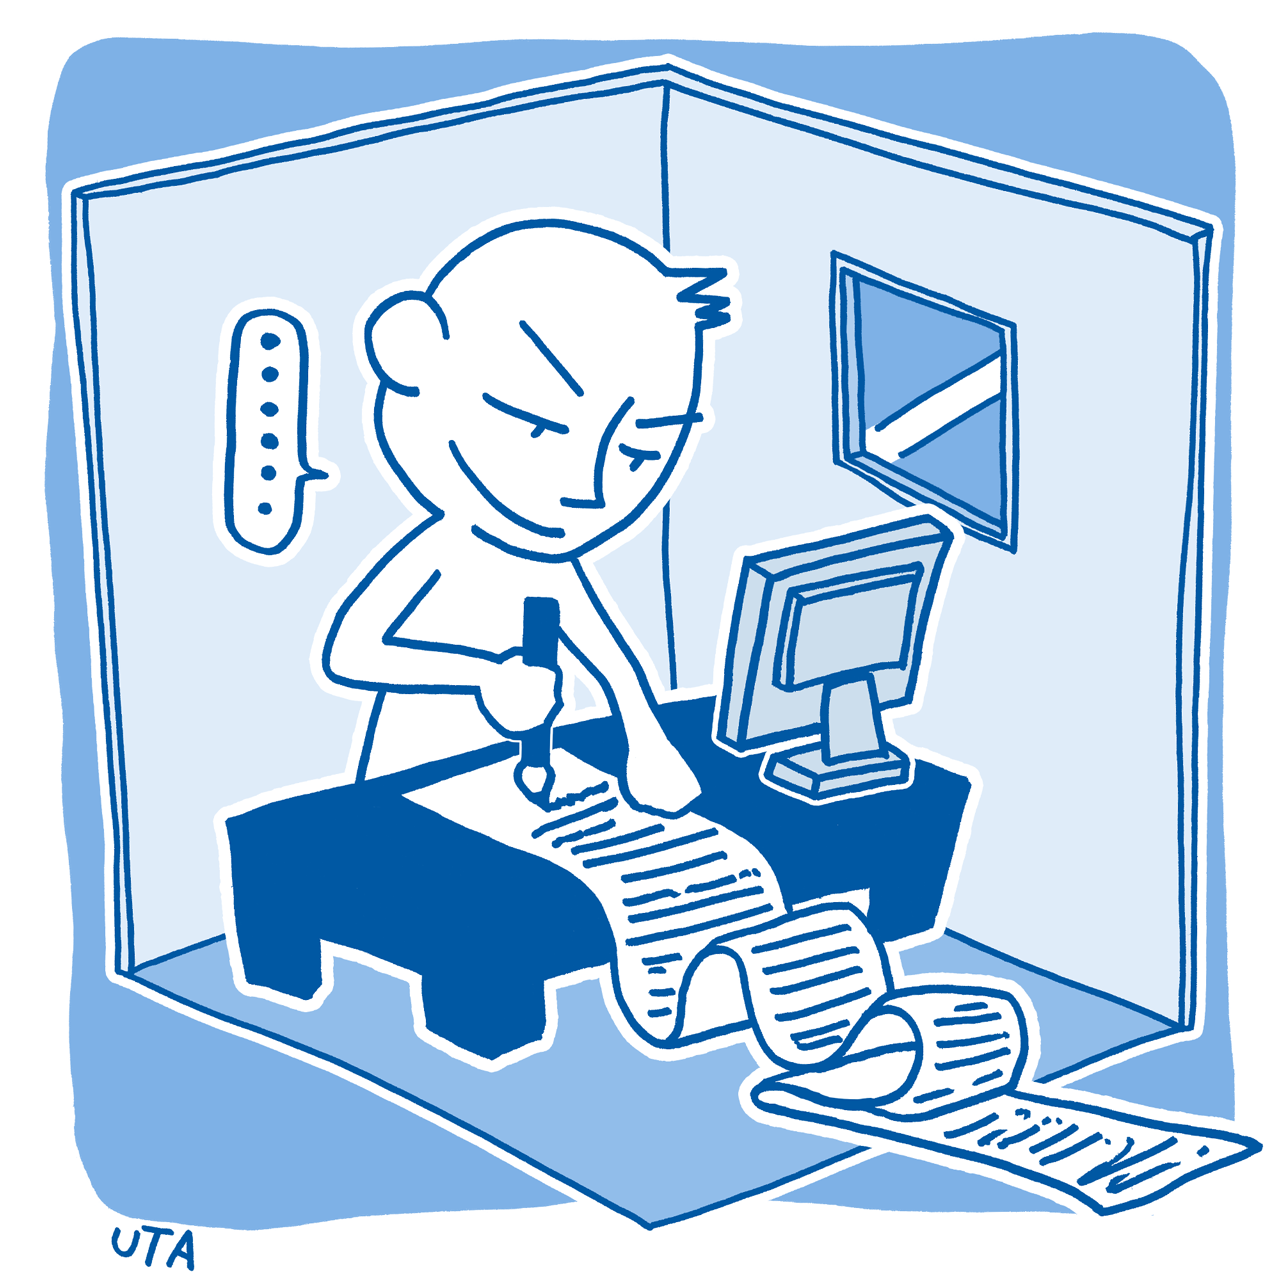 プログラミング言語は「黙って写経」──カーネルハッカー・小崎資広(4)